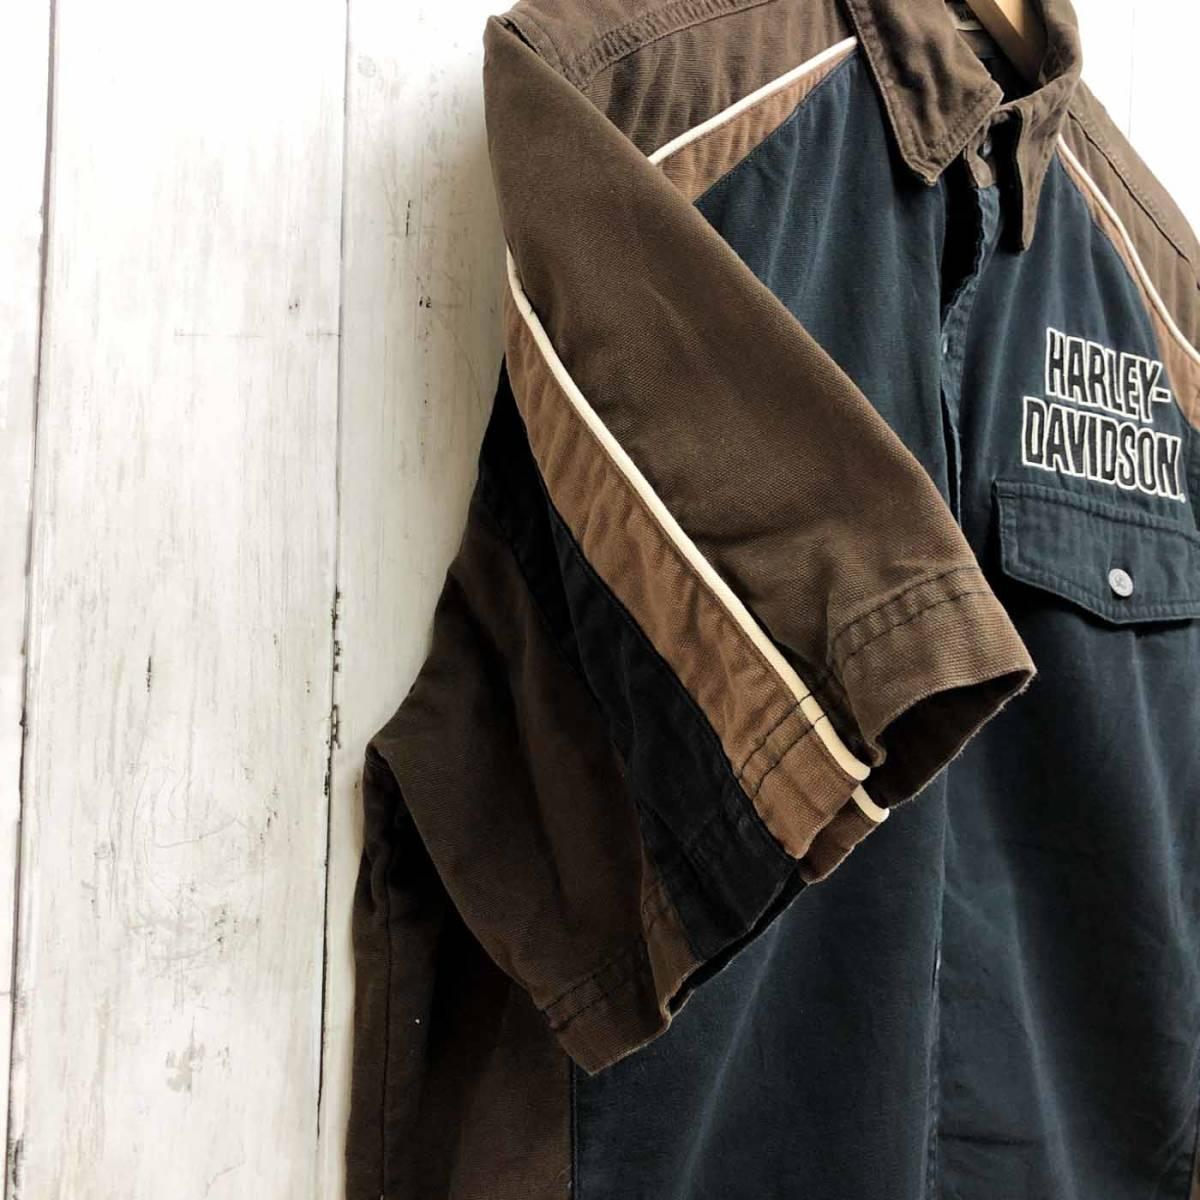 HARLEY DAVIDSON ハーレーダビッドソン 古着 半袖シャツ メンズ コットン100% Mサイズ 9-66_画像6